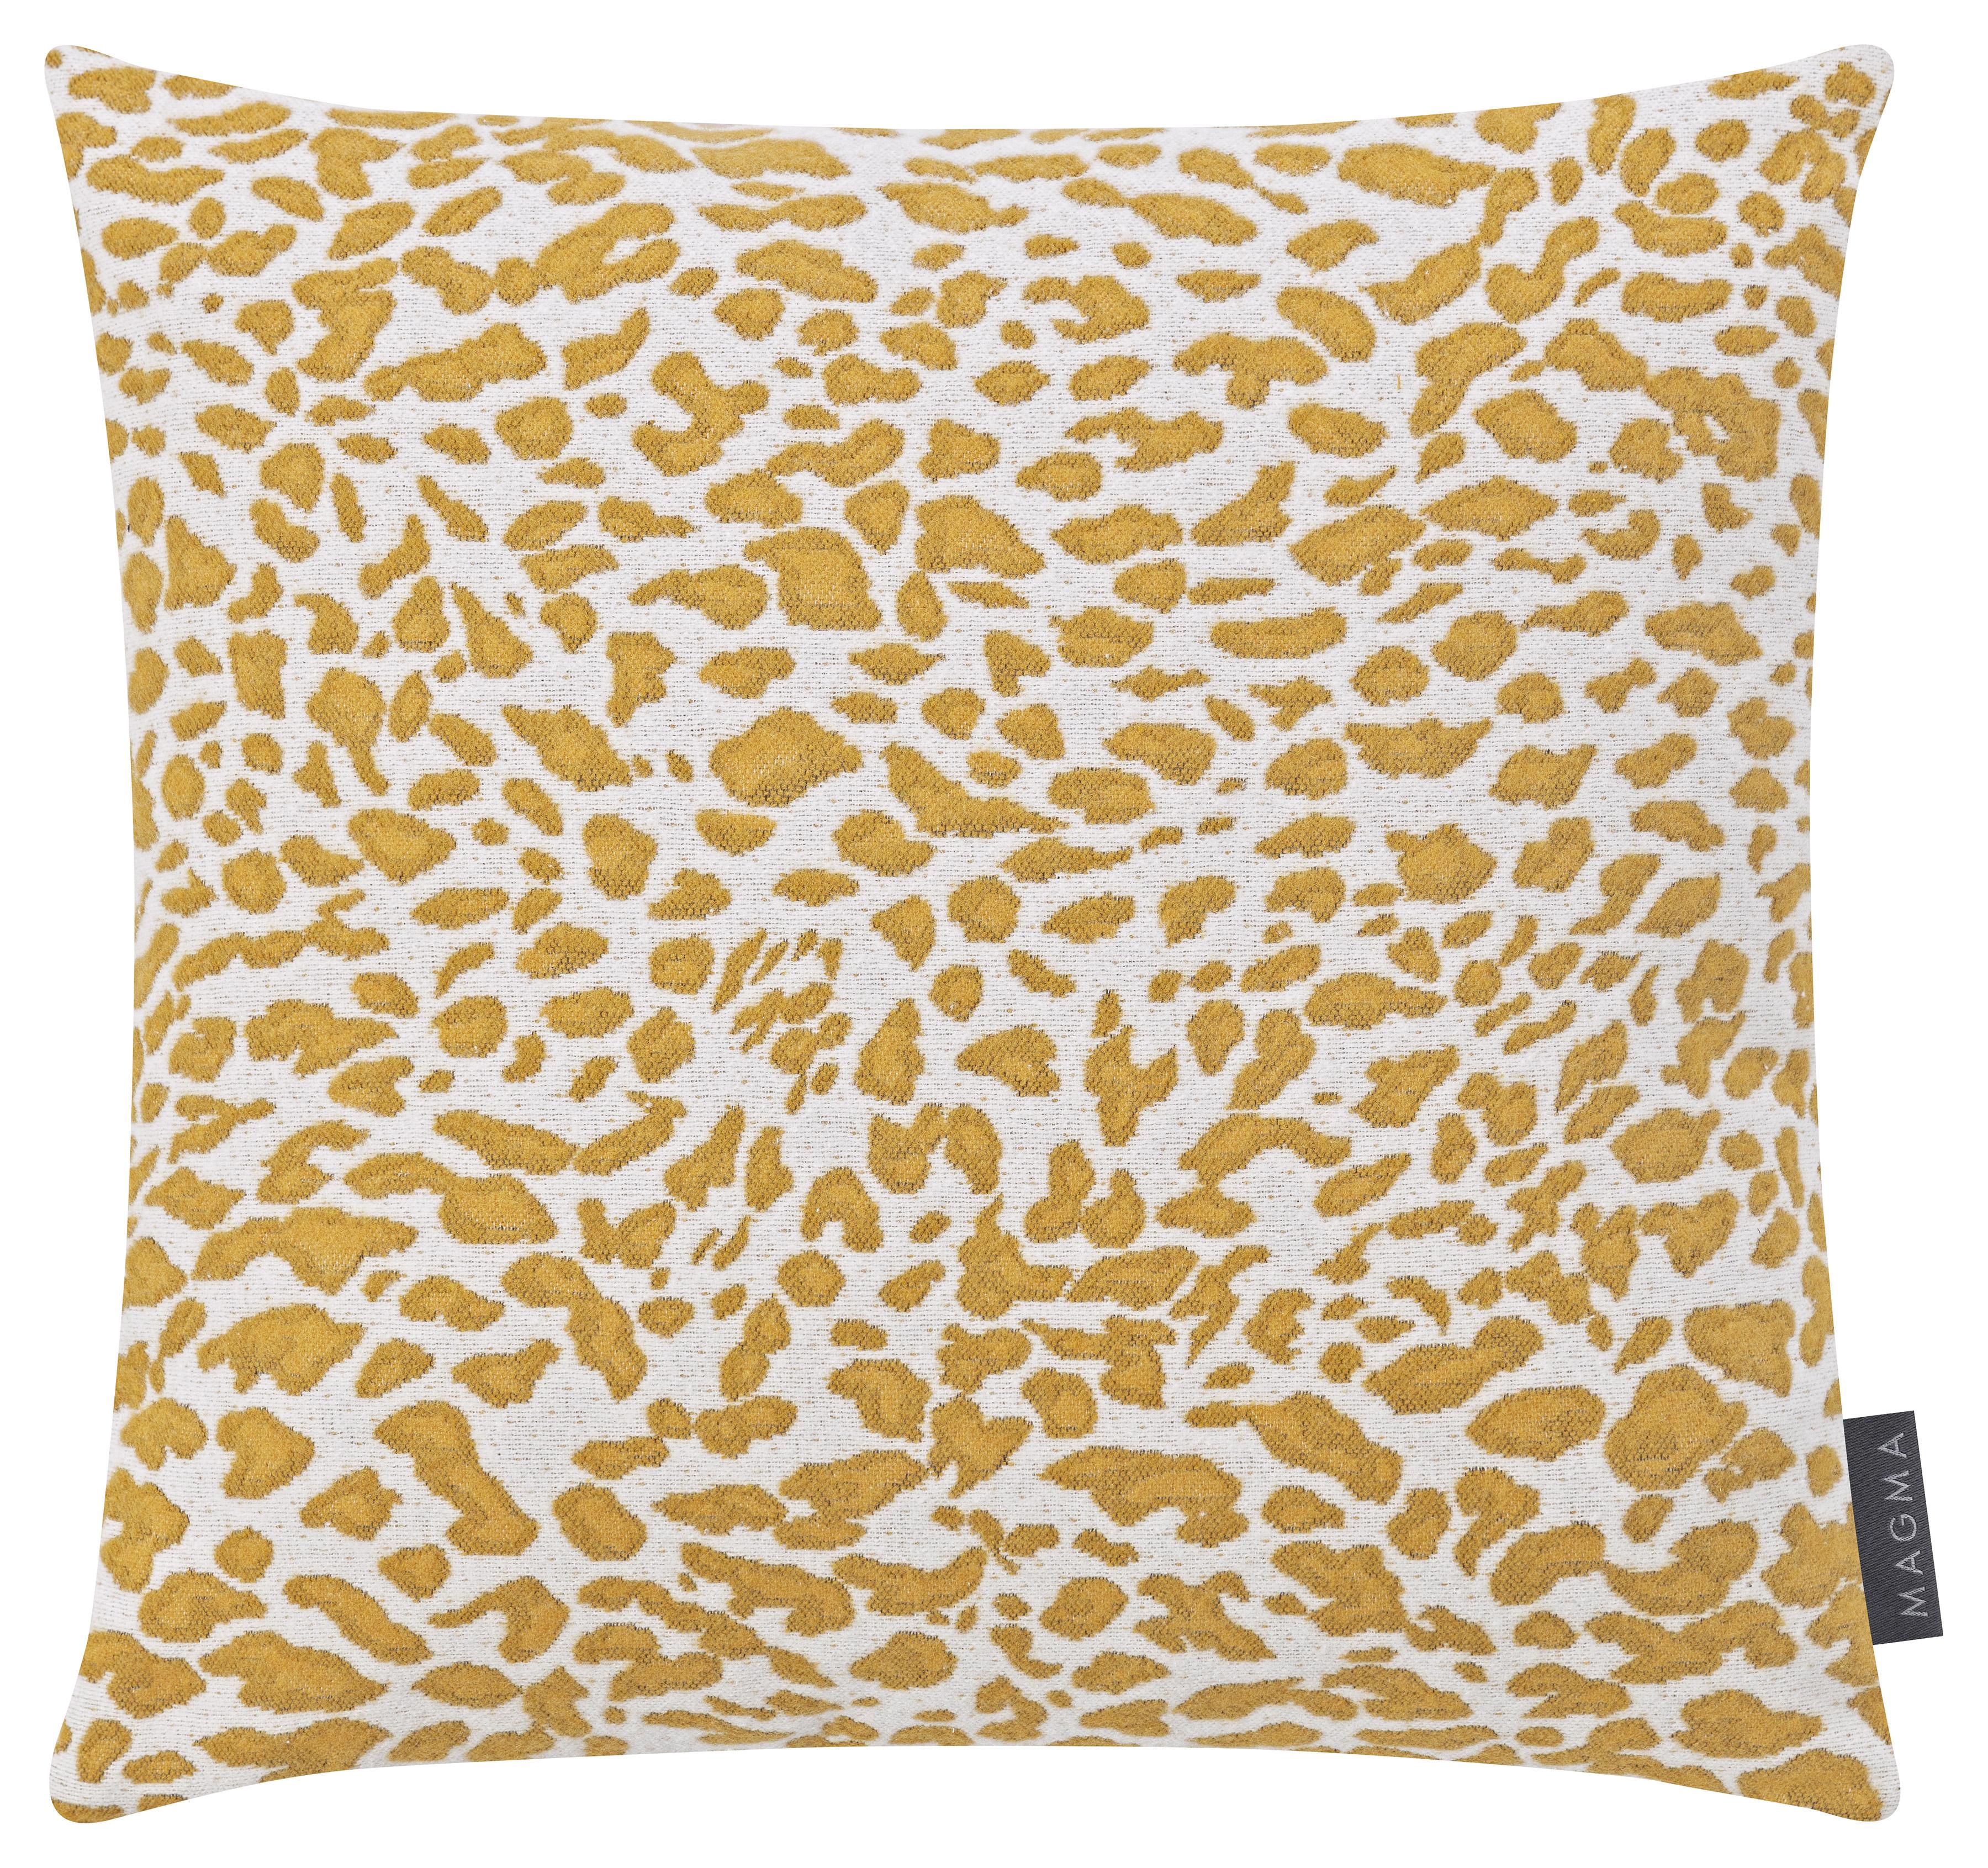 2 Housses de coussins jacquard motif léopard jaune 40x40 - Lot de 2